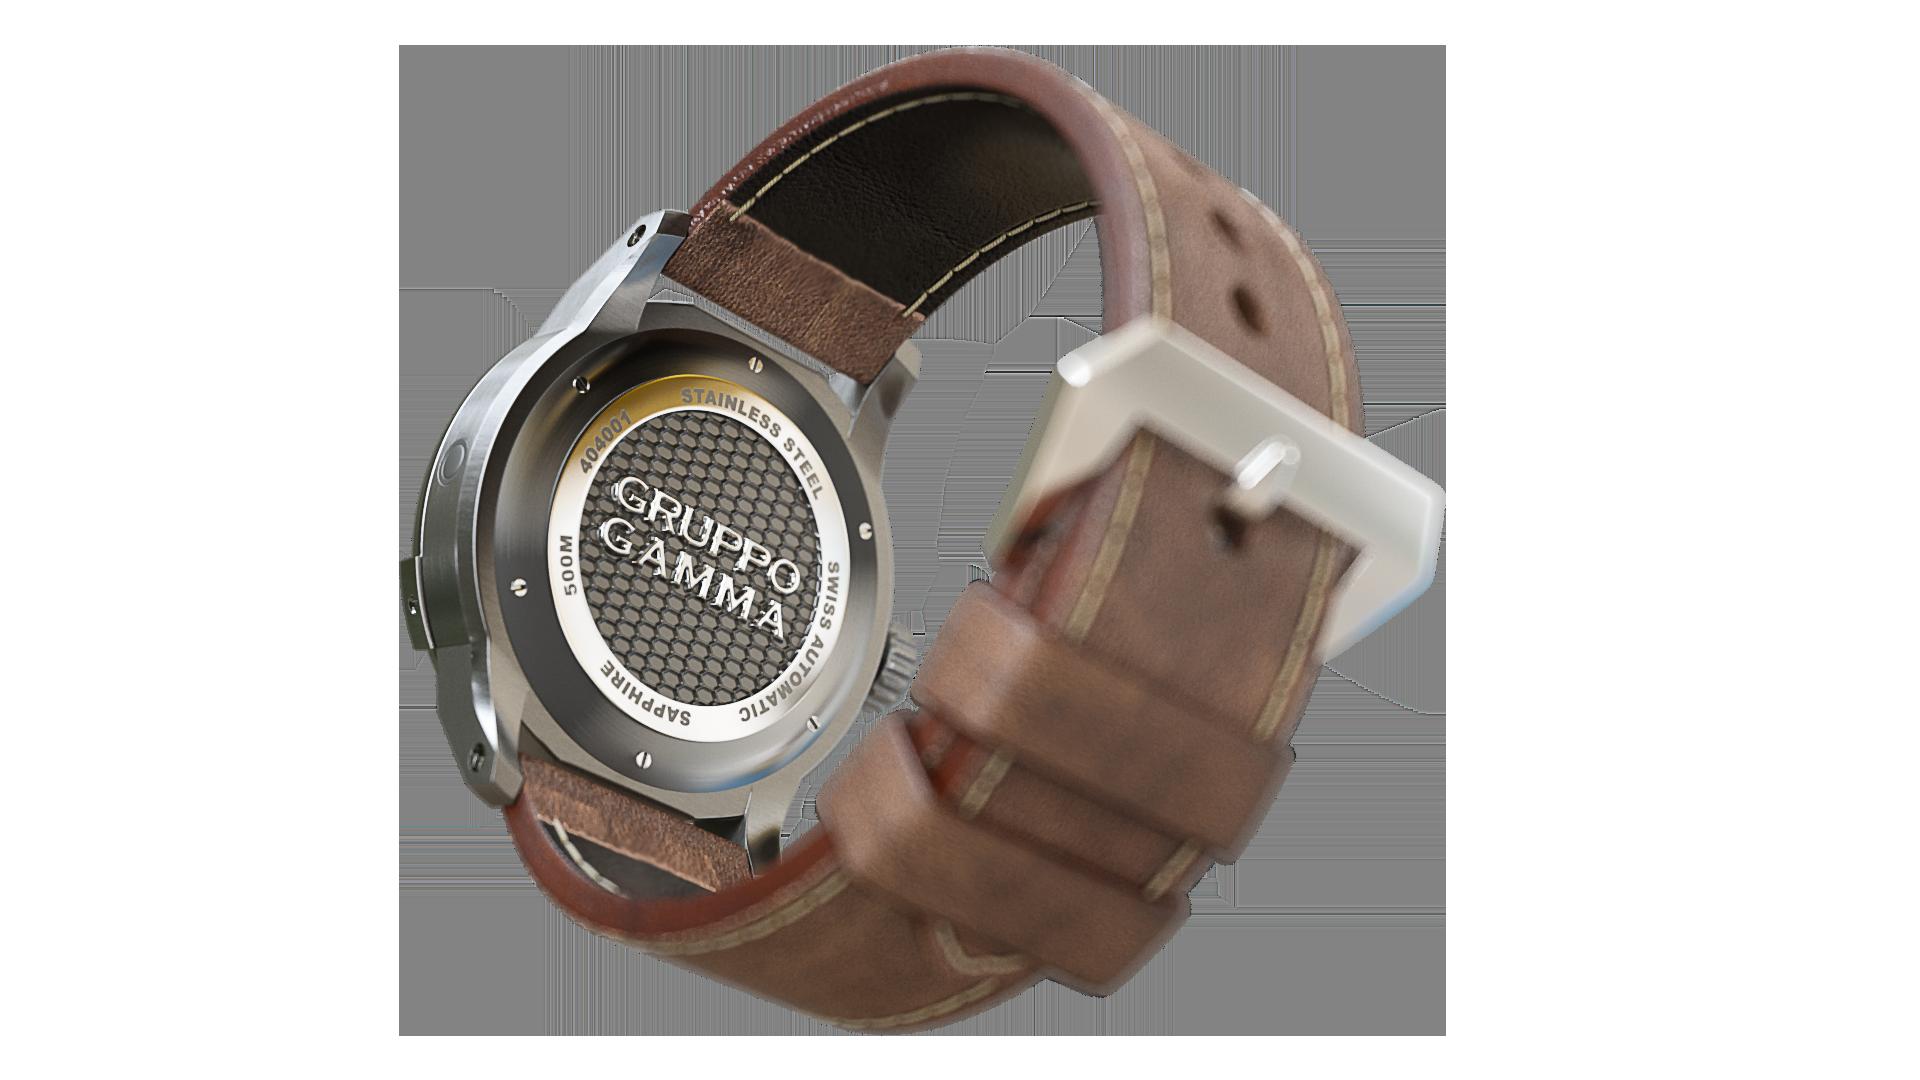 Divemaster DG-05 Preordine / Preorder